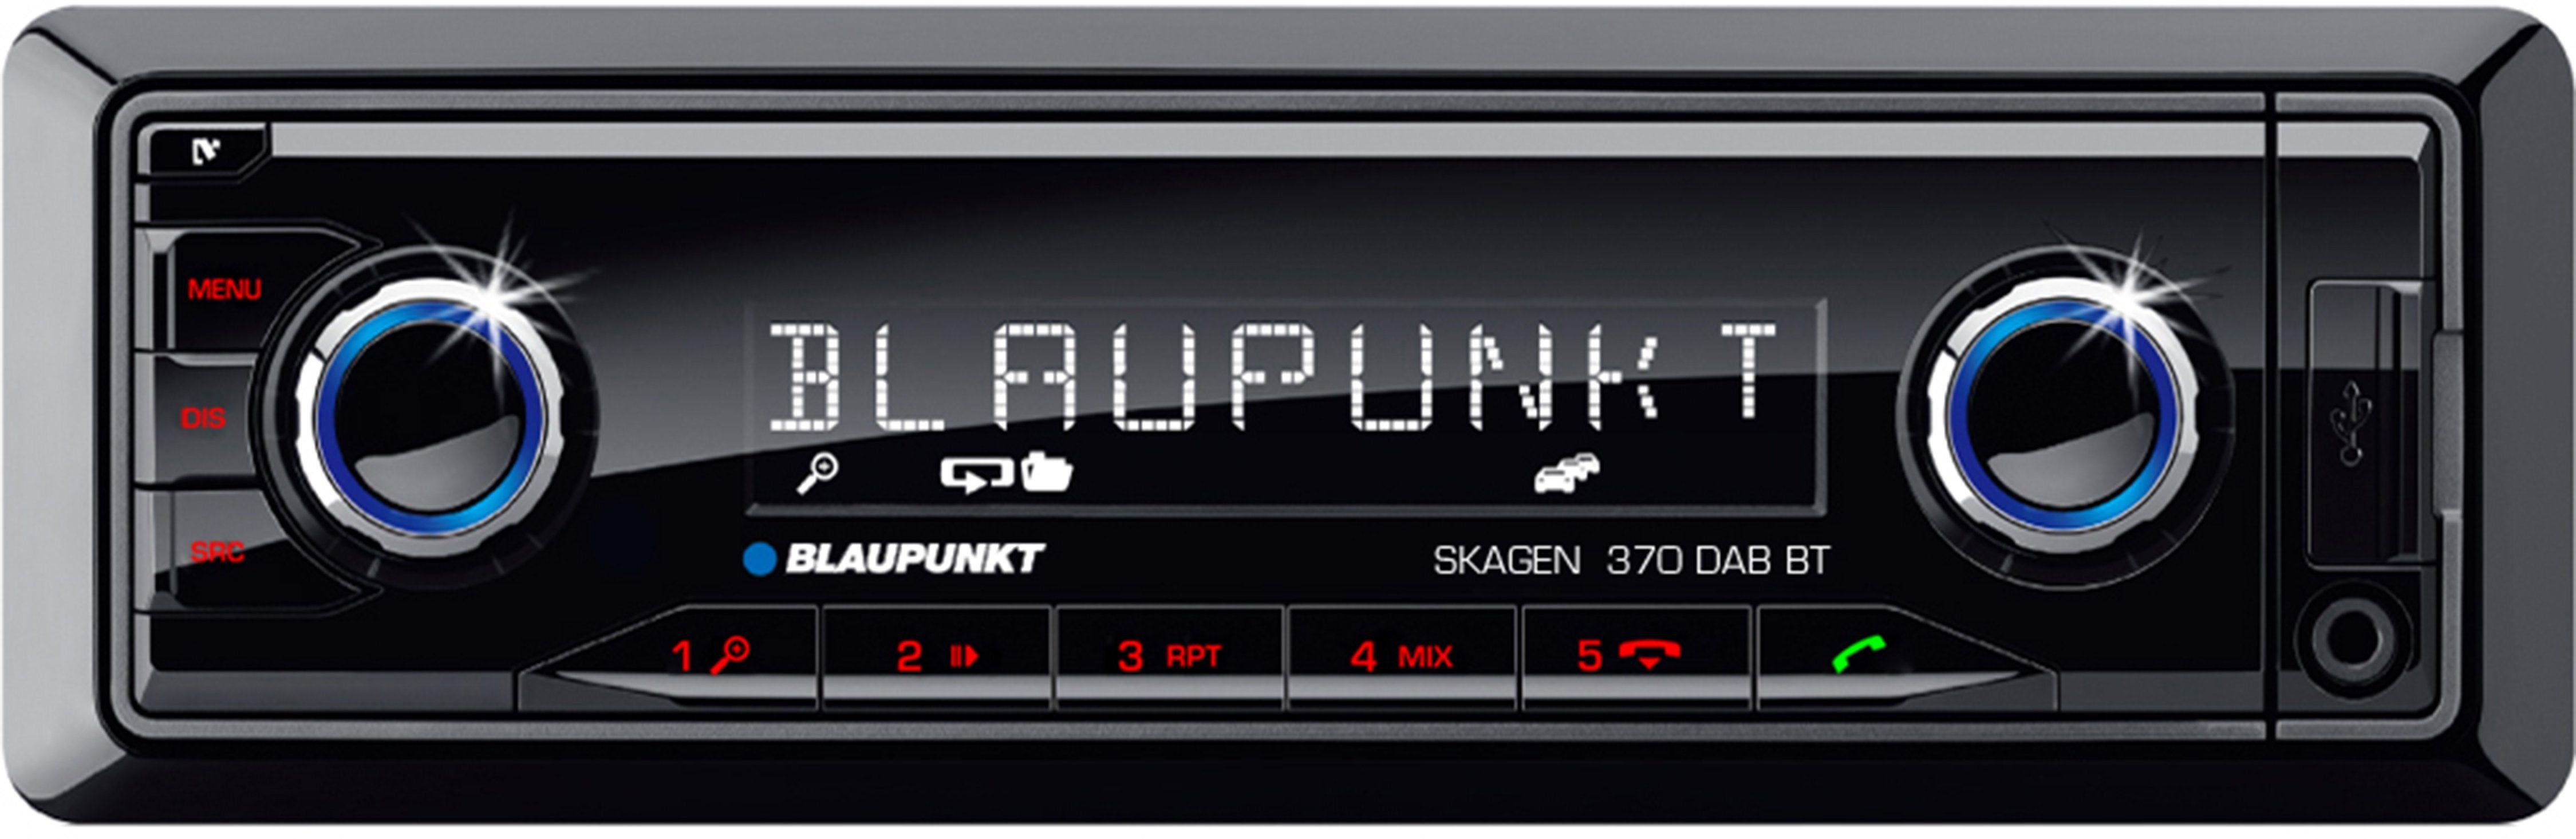 Autoradio Mit Bluetooth Preisvergleich • Die besten Angebote online ...